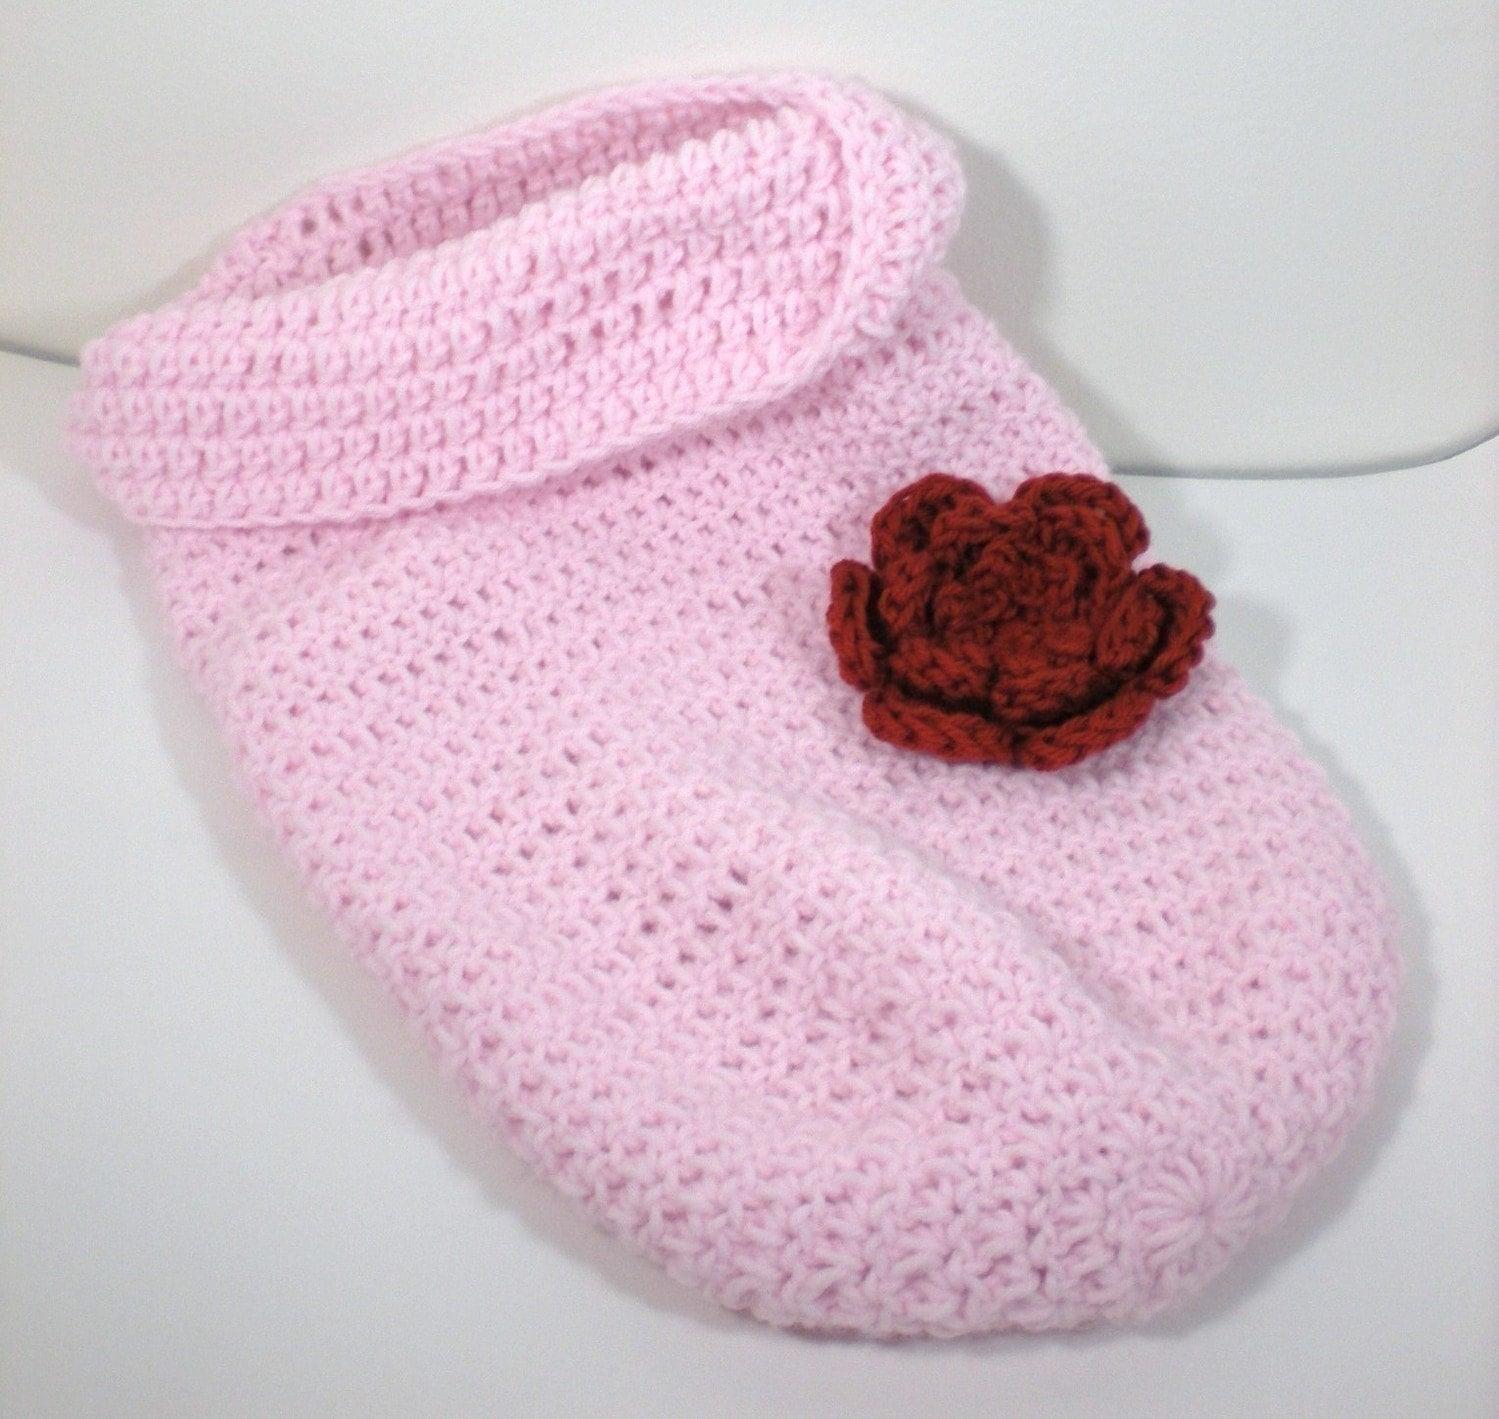 Easy Crochet Baby Cocoon Pattern : Crochet PATTERN Baby Cocoon Swaddle PDF Pattern